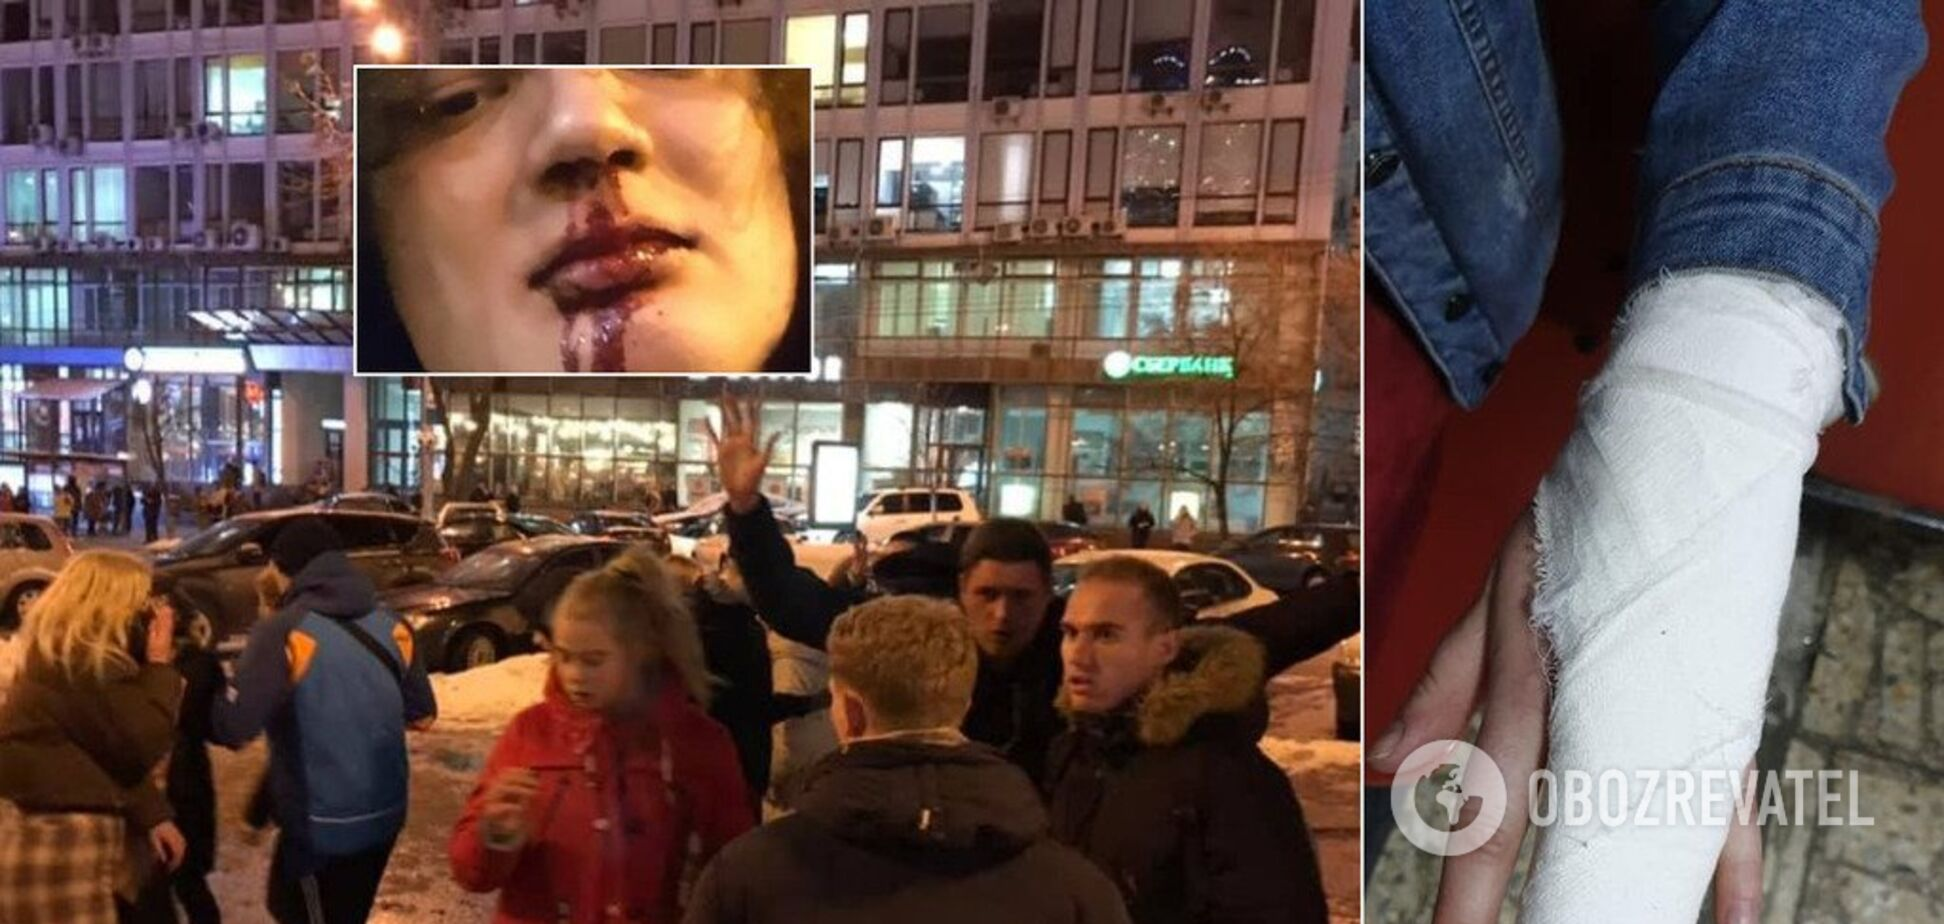 'Повалили на землю и пинали ногами': жестокие банды подростков устроили террор в Киеве